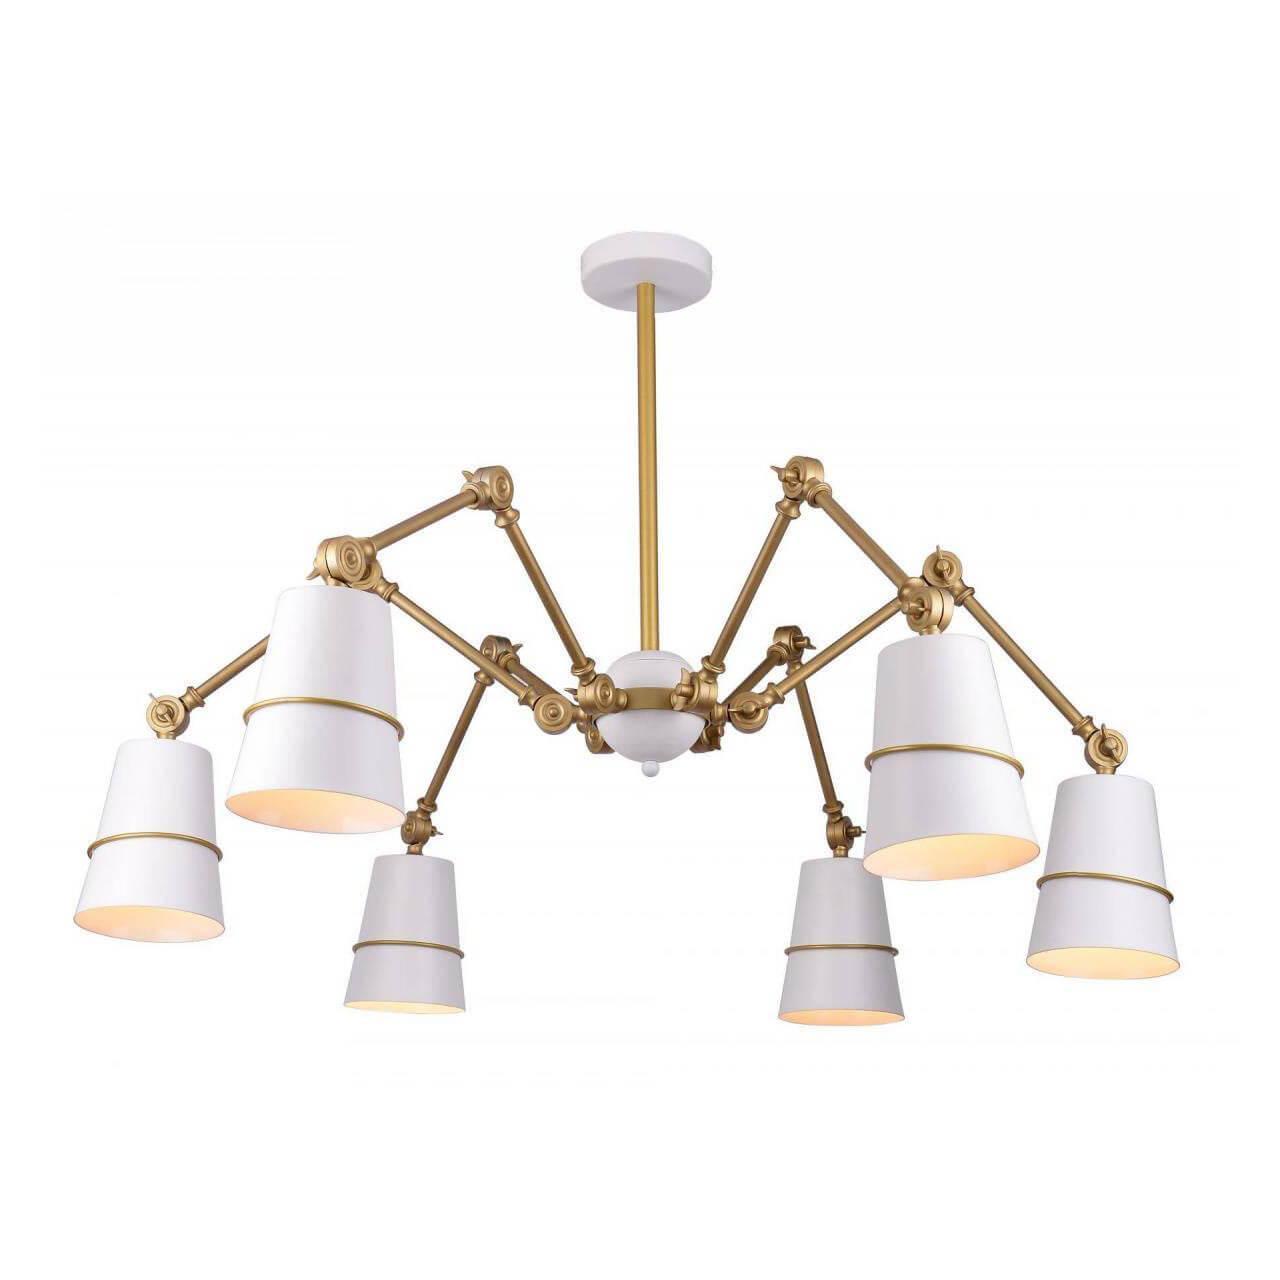 Потолочный светильник Divinare 8035/03 LM-6, E27, 40 Вт люстра divinare reattiva 8035 03 lm 6 подвесная